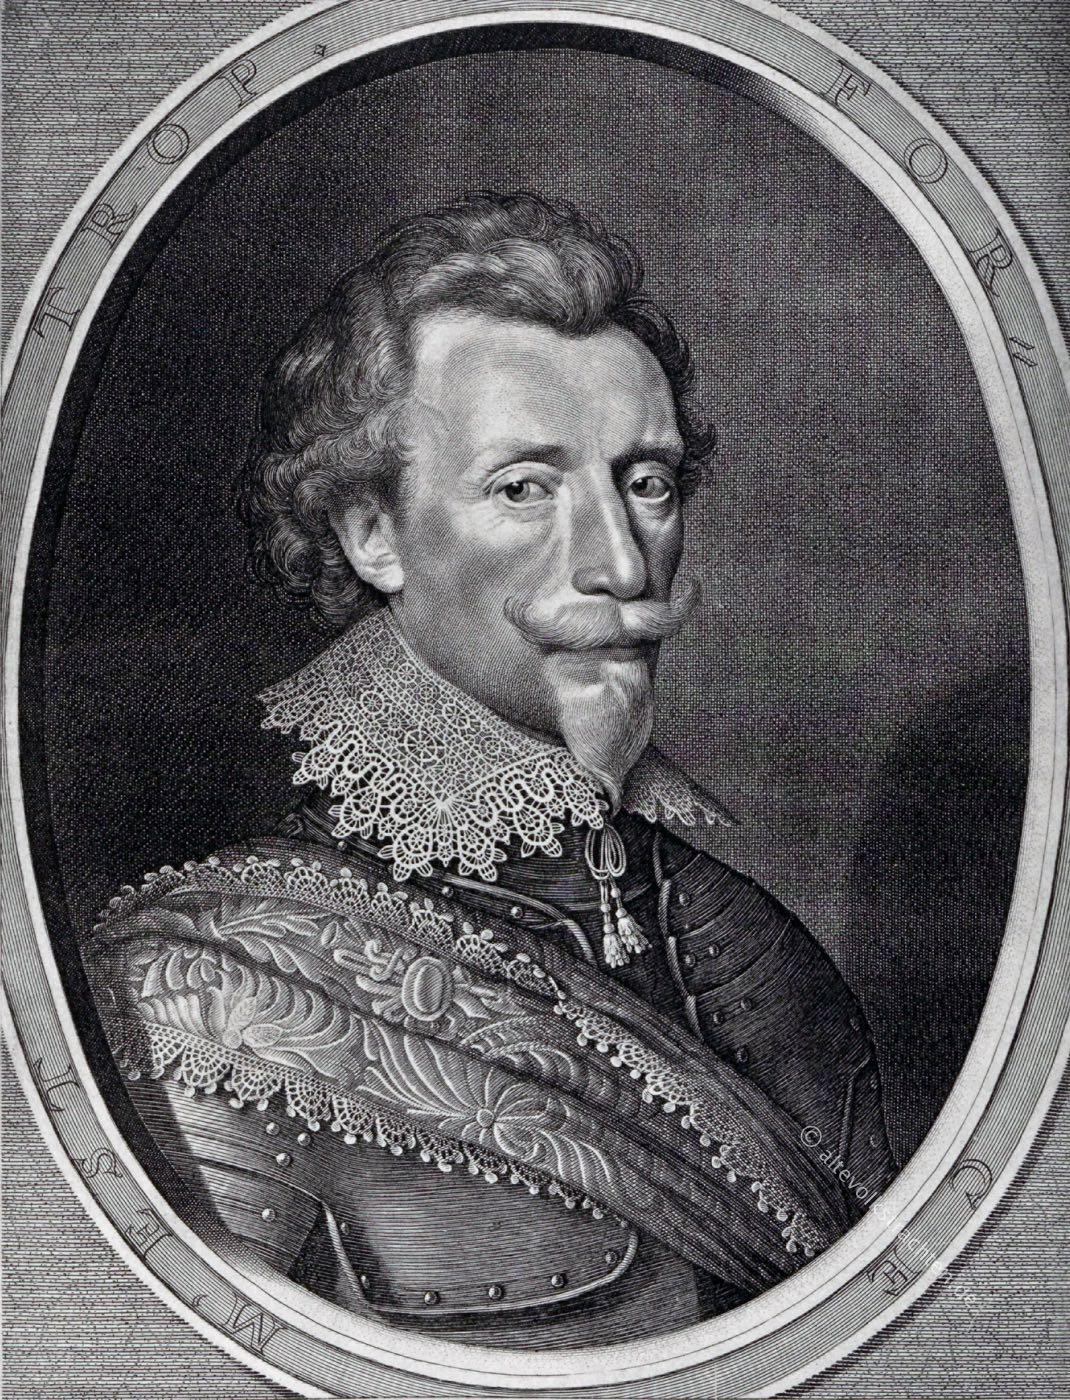 Ernst von Mansfeld, Feldherr, dreissigjähriger Krieg, Barock, Harnisch, Rüstung